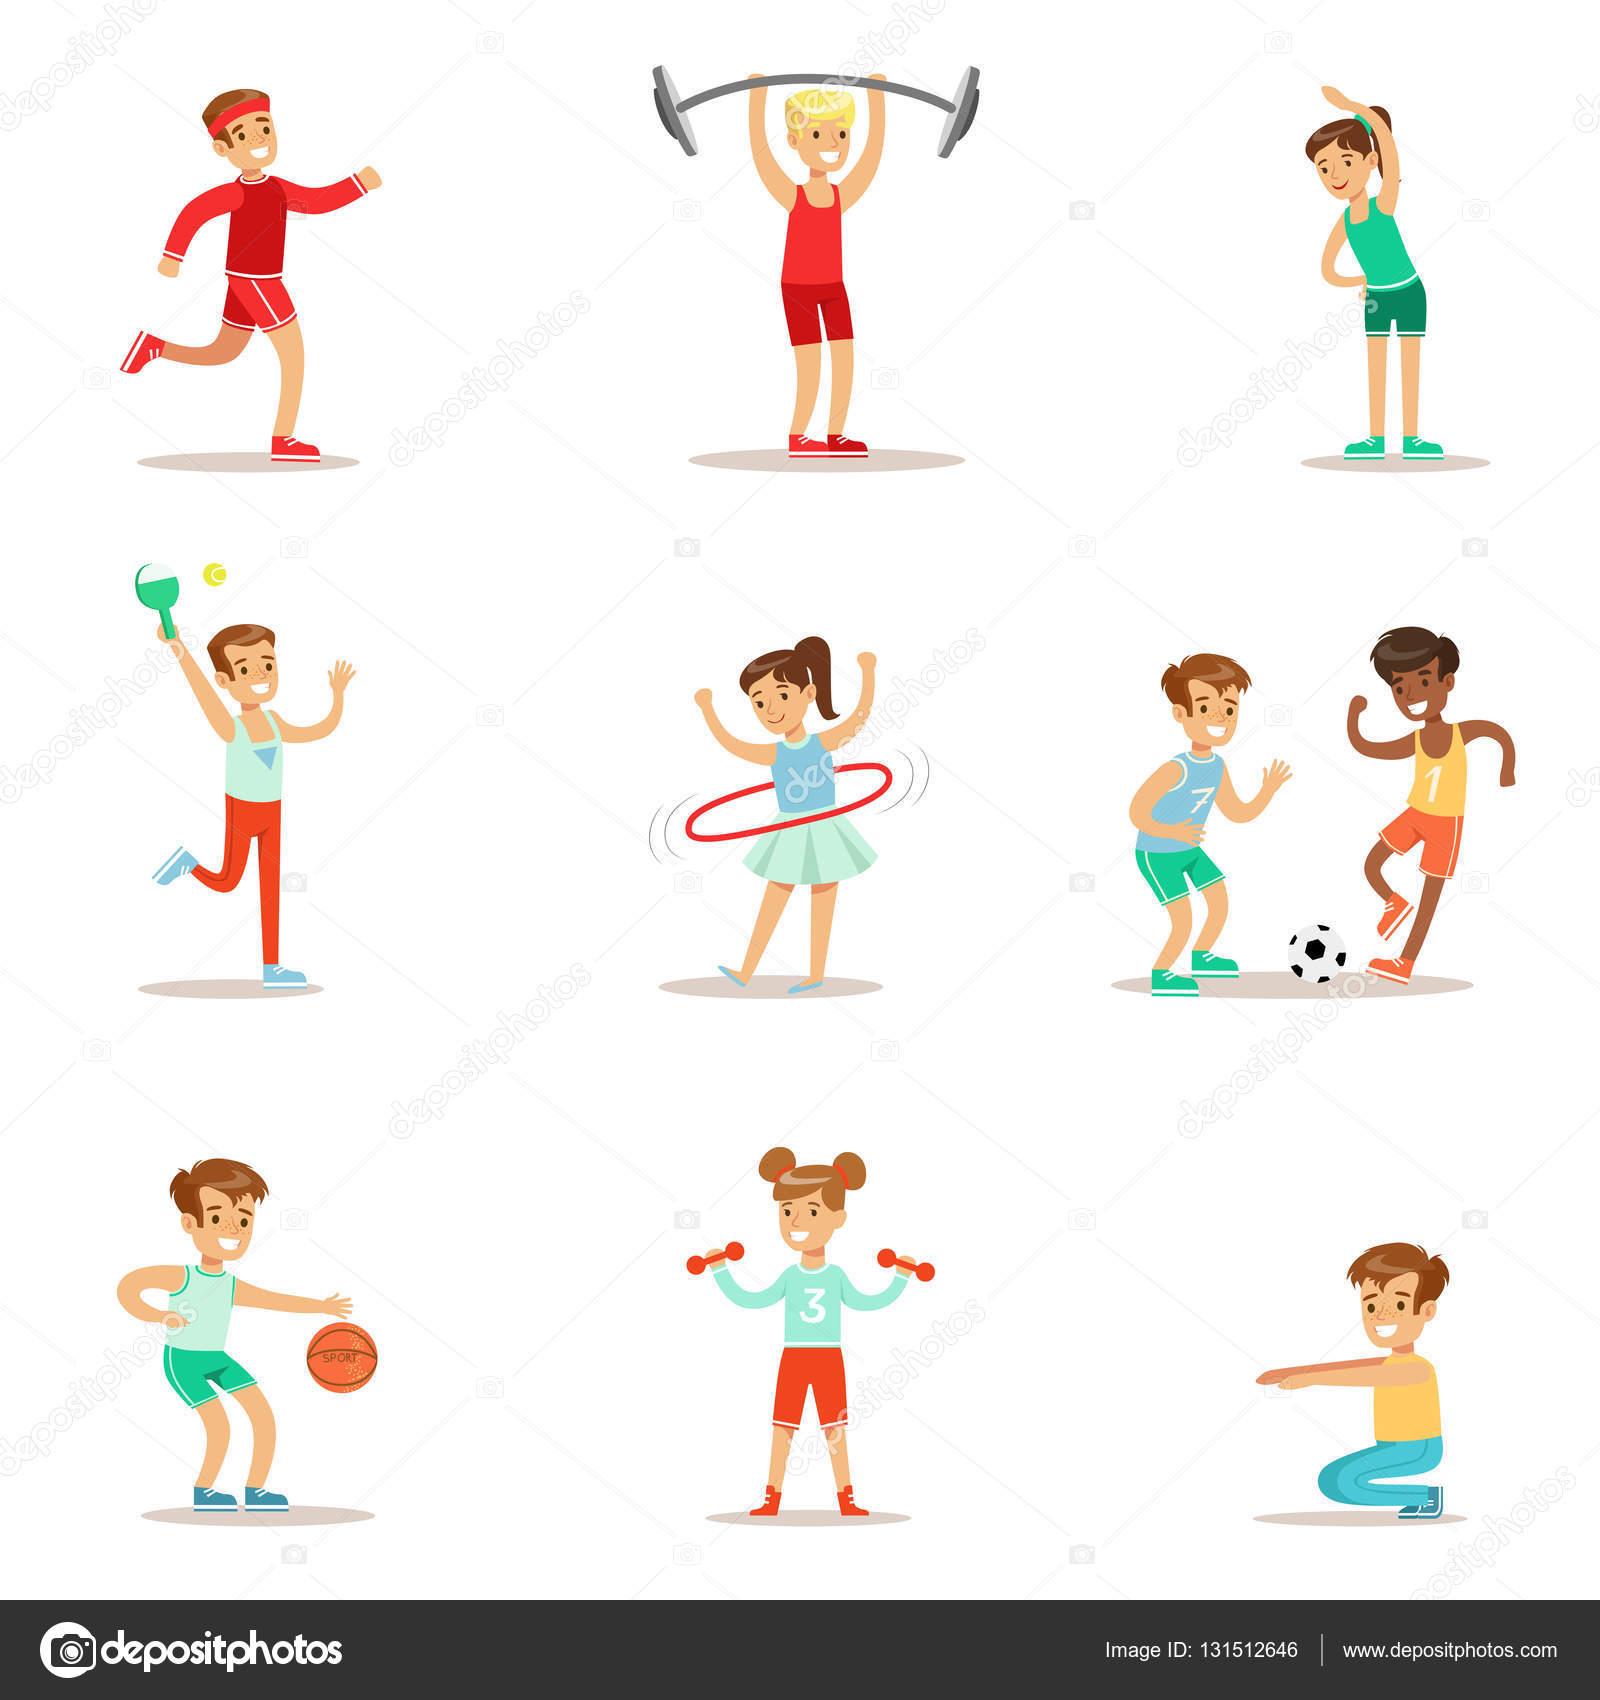 Magnifiek Kinderen die het beoefenen van verschillende sporten en fysieke &YE83